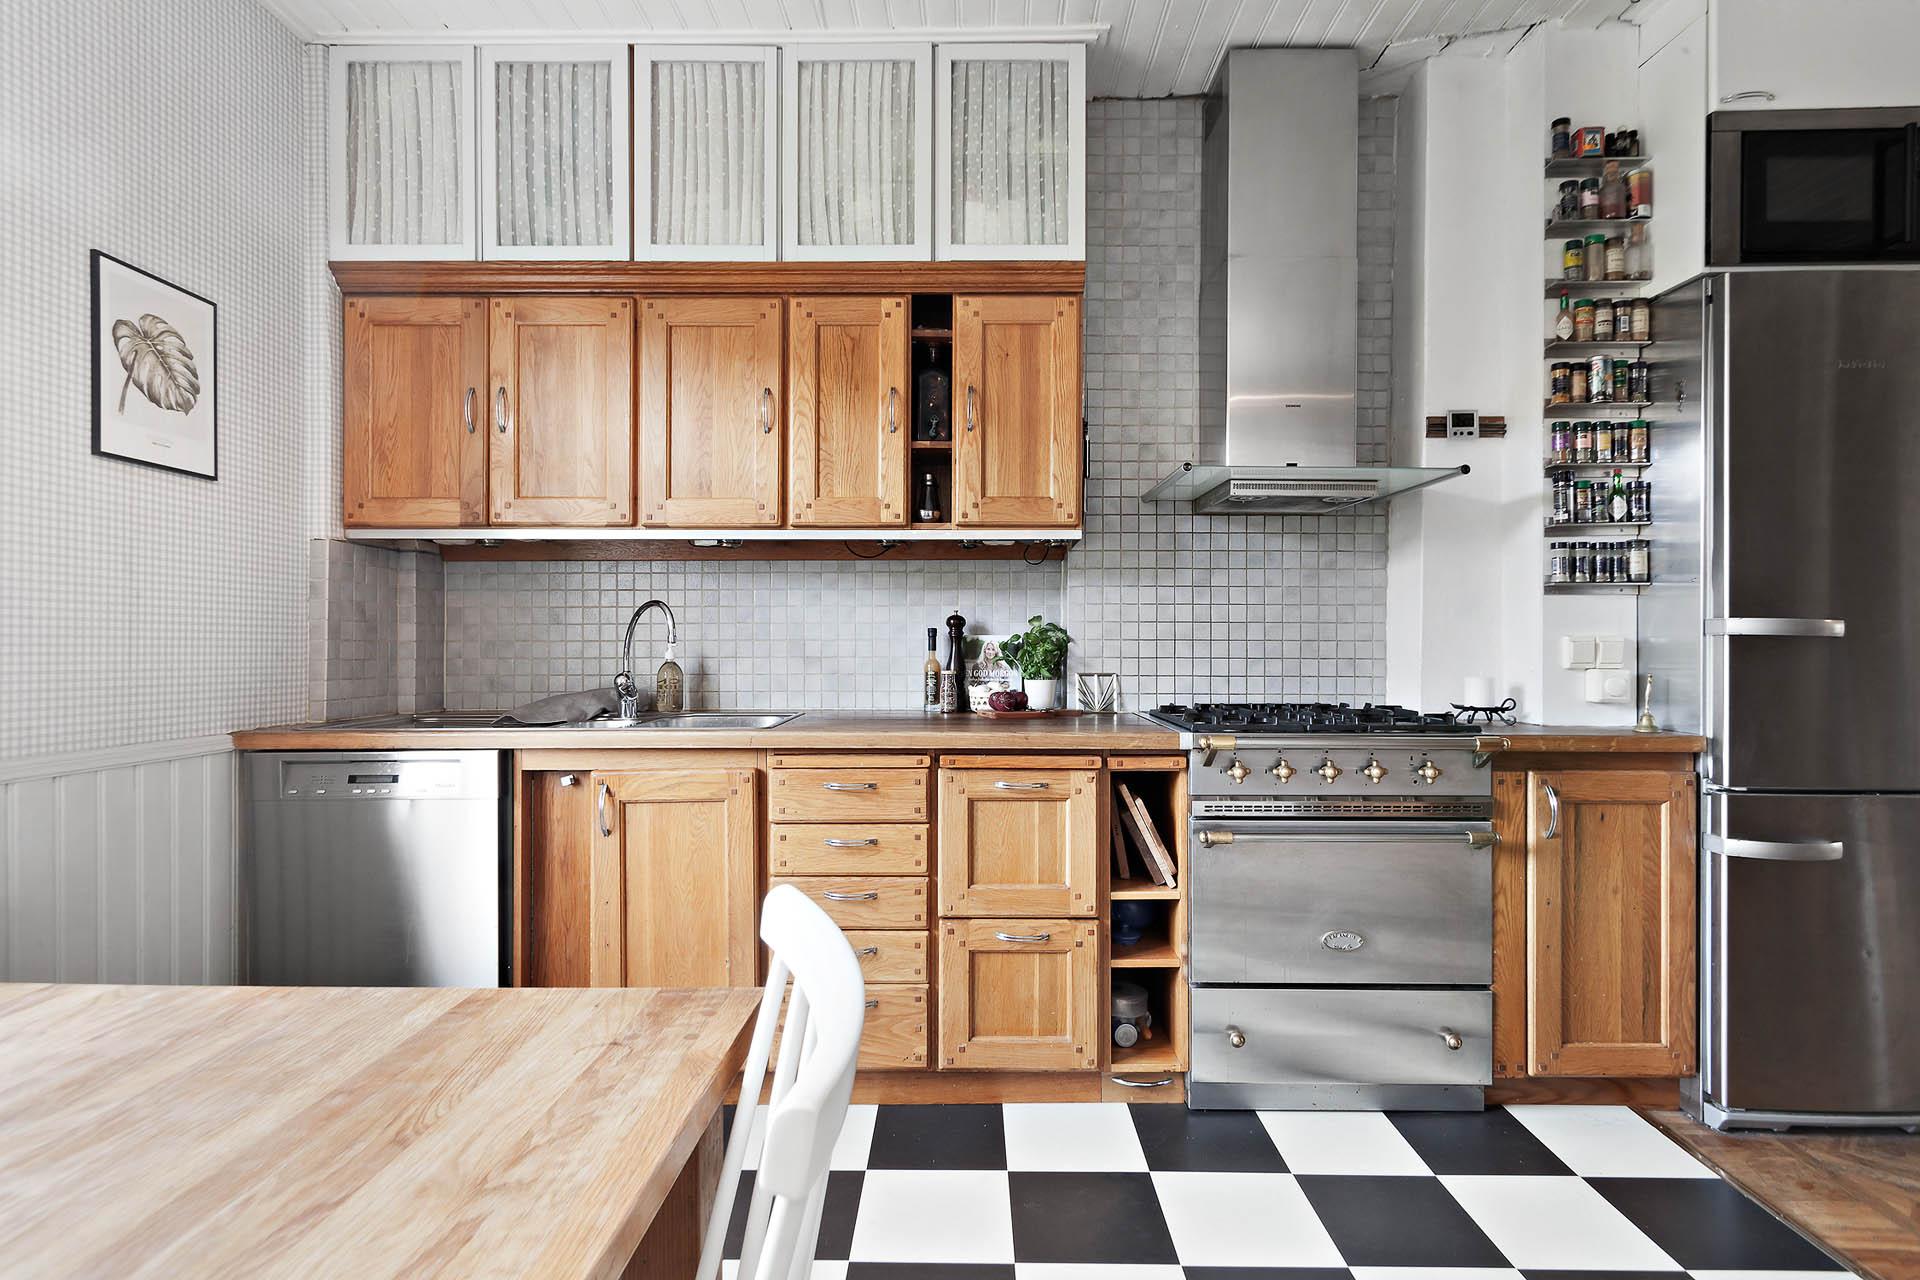 Unikt kök i massiv ek tillverkade av en snickare.